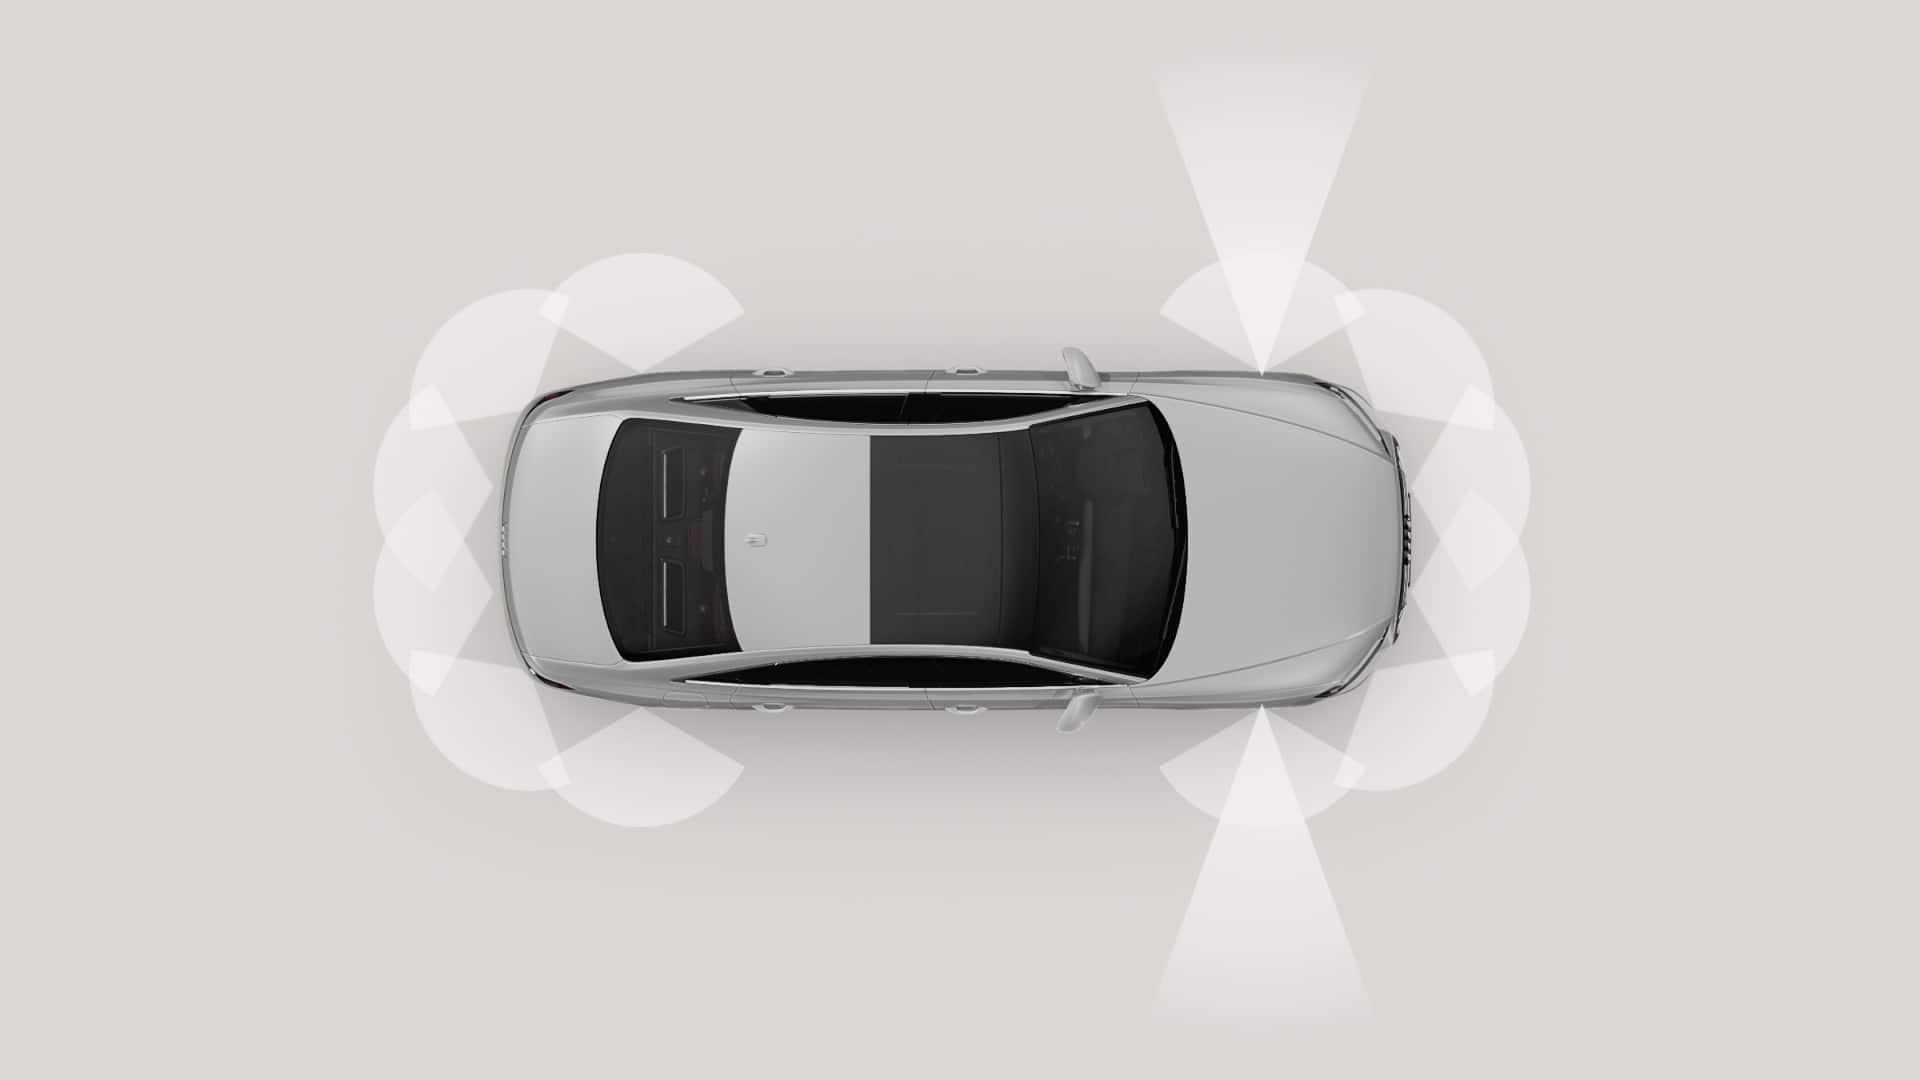 Intelligente Assistenzsysteme sorgen für Komfort und Sicherheit im neuen Audi A8 L.